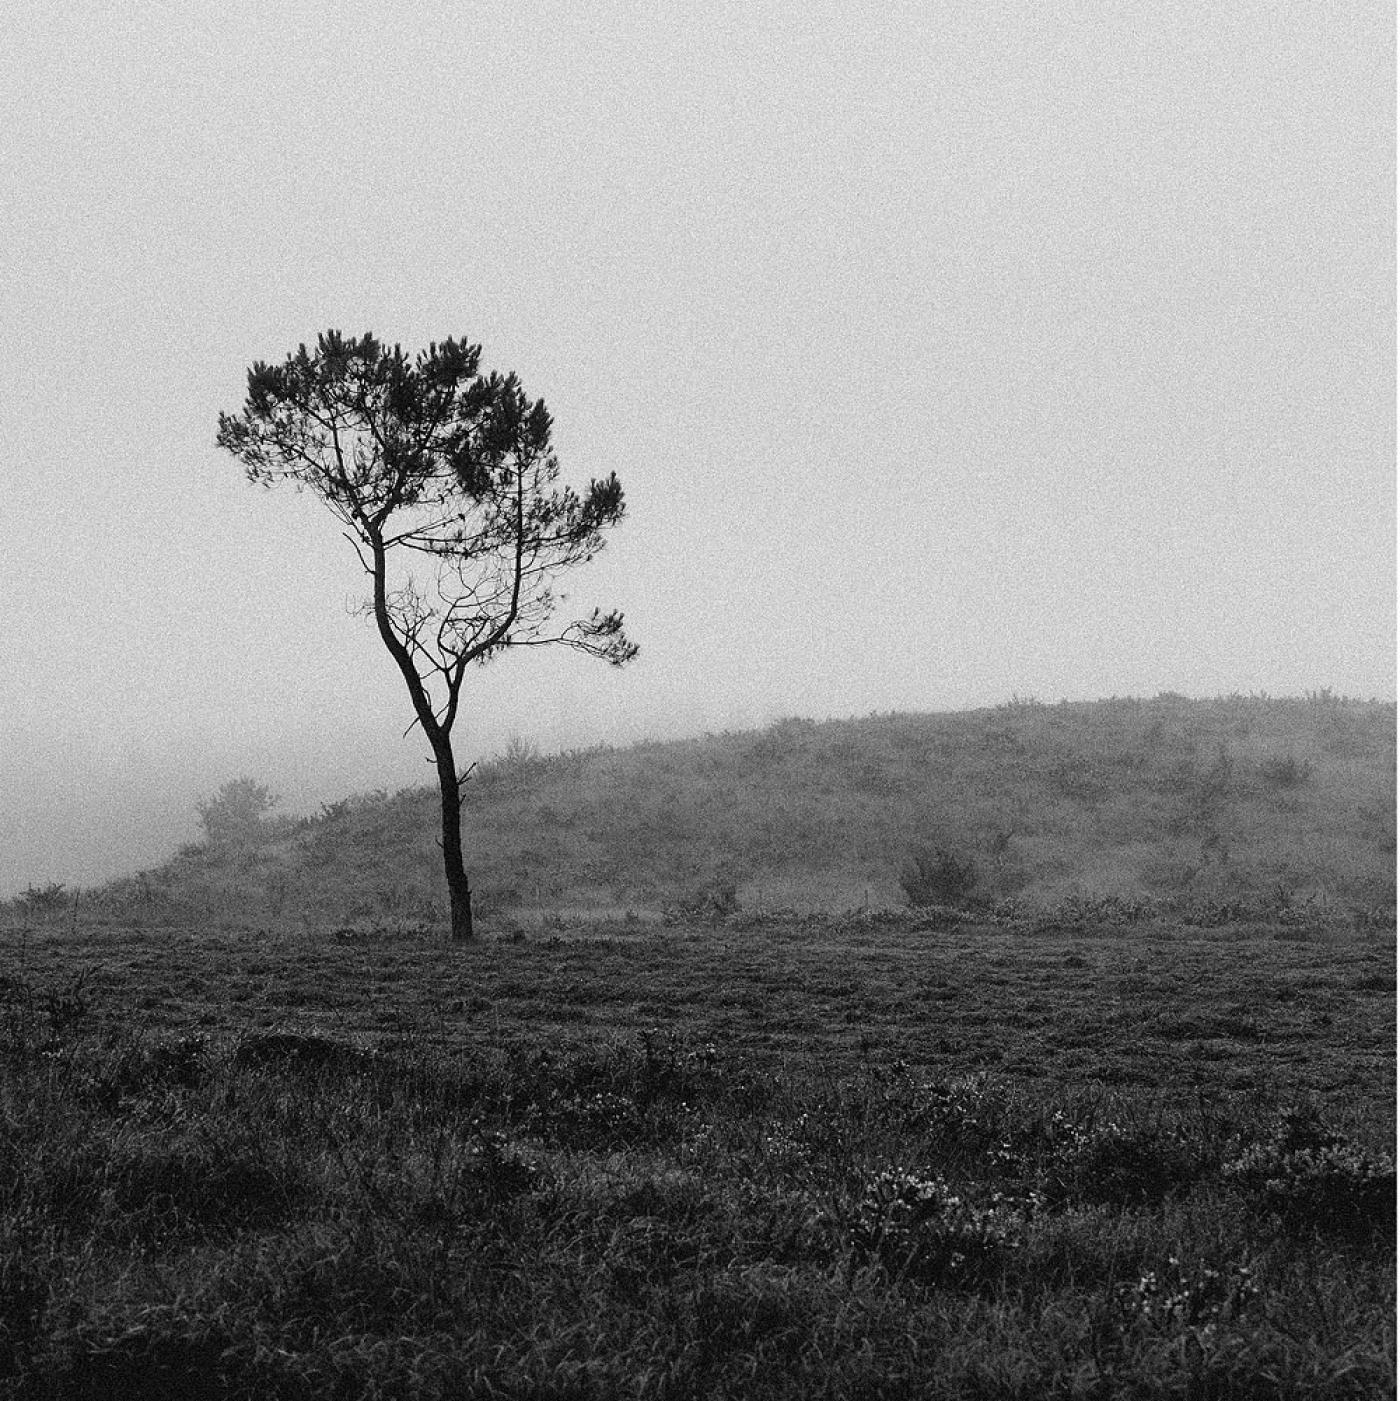 https://www.ericmalemanche.com/imagess/topics/les-bretons-de-l-argoat/liste/Monts-arree-09.jpg